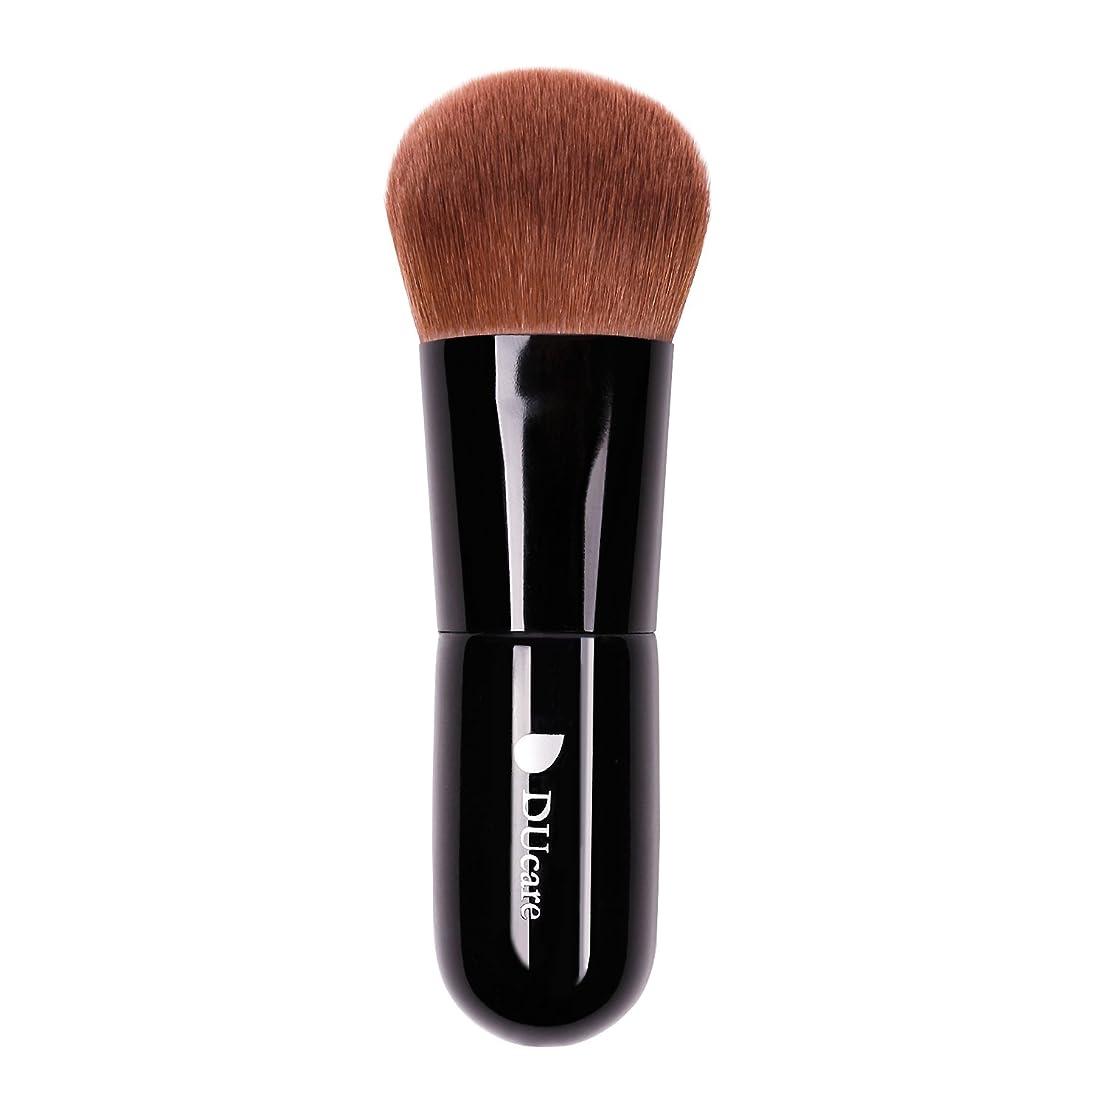 食欲失有効化ドゥケア(DUcare) 化粧筆 ファンデーションブラシ フェイスブラシ 最高級のタクロンを使用